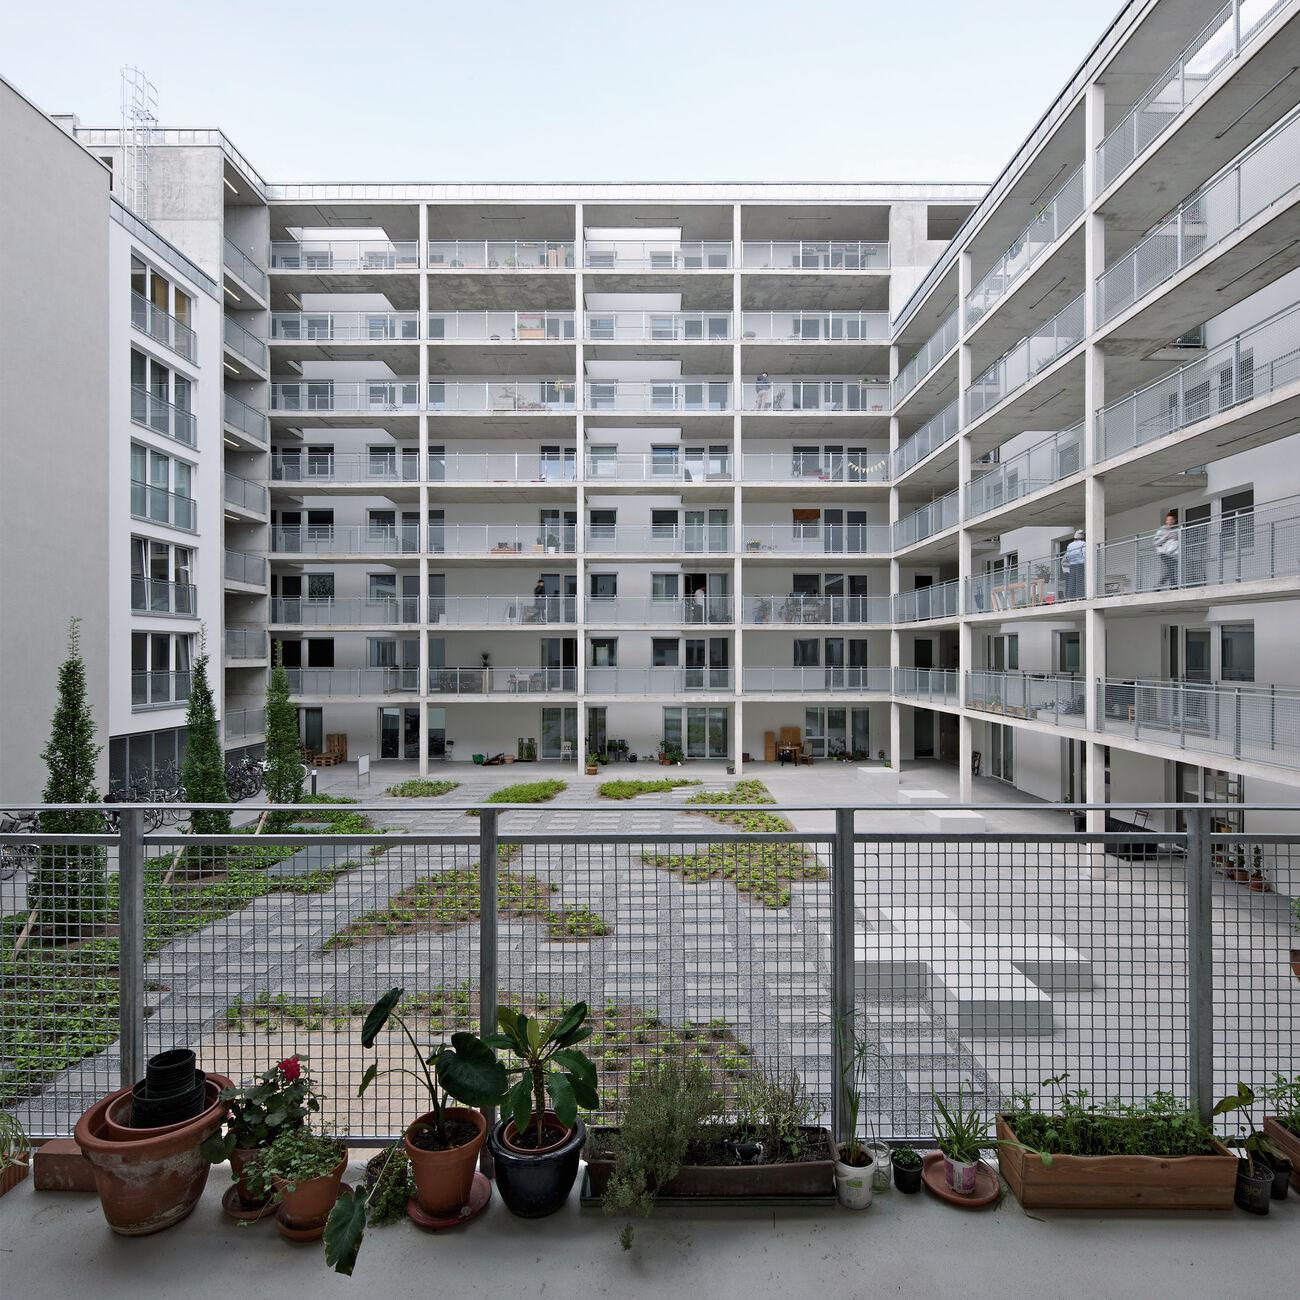 Neues Wohnen an der Briesestraße, Berlin, Deutschland